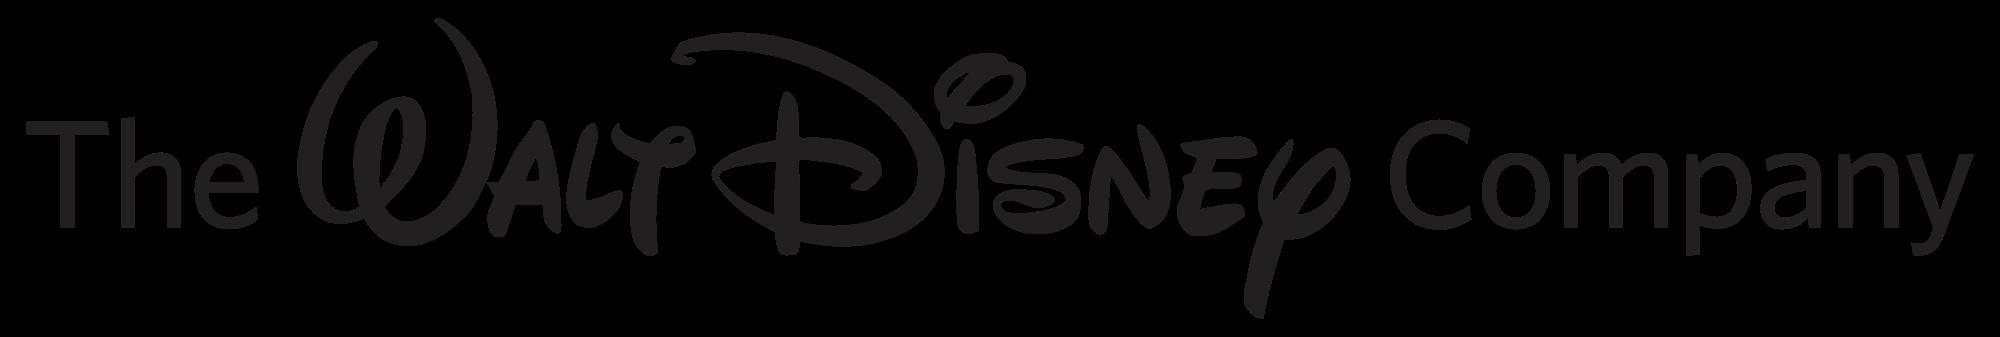 The Walt Disney Company Italy | Disney Wiki | Fandom powered by Wikia